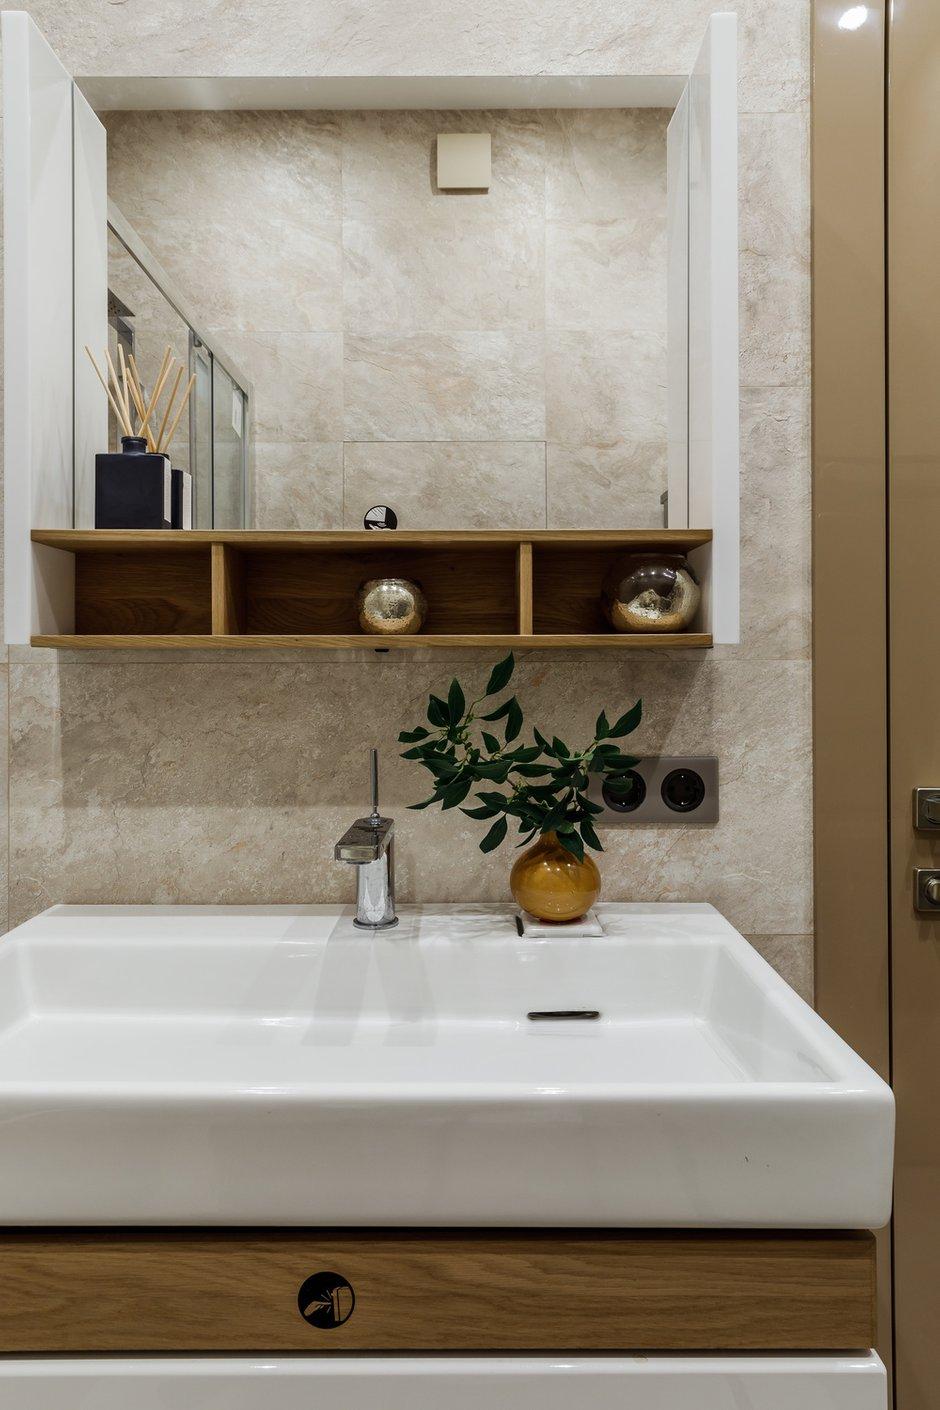 Фотография: Ванная в стиле Современный, Квартира, Проект недели, Москва, 3 комнаты, 60-90 метров, Мариям Тагиева – фото на INMYROOM